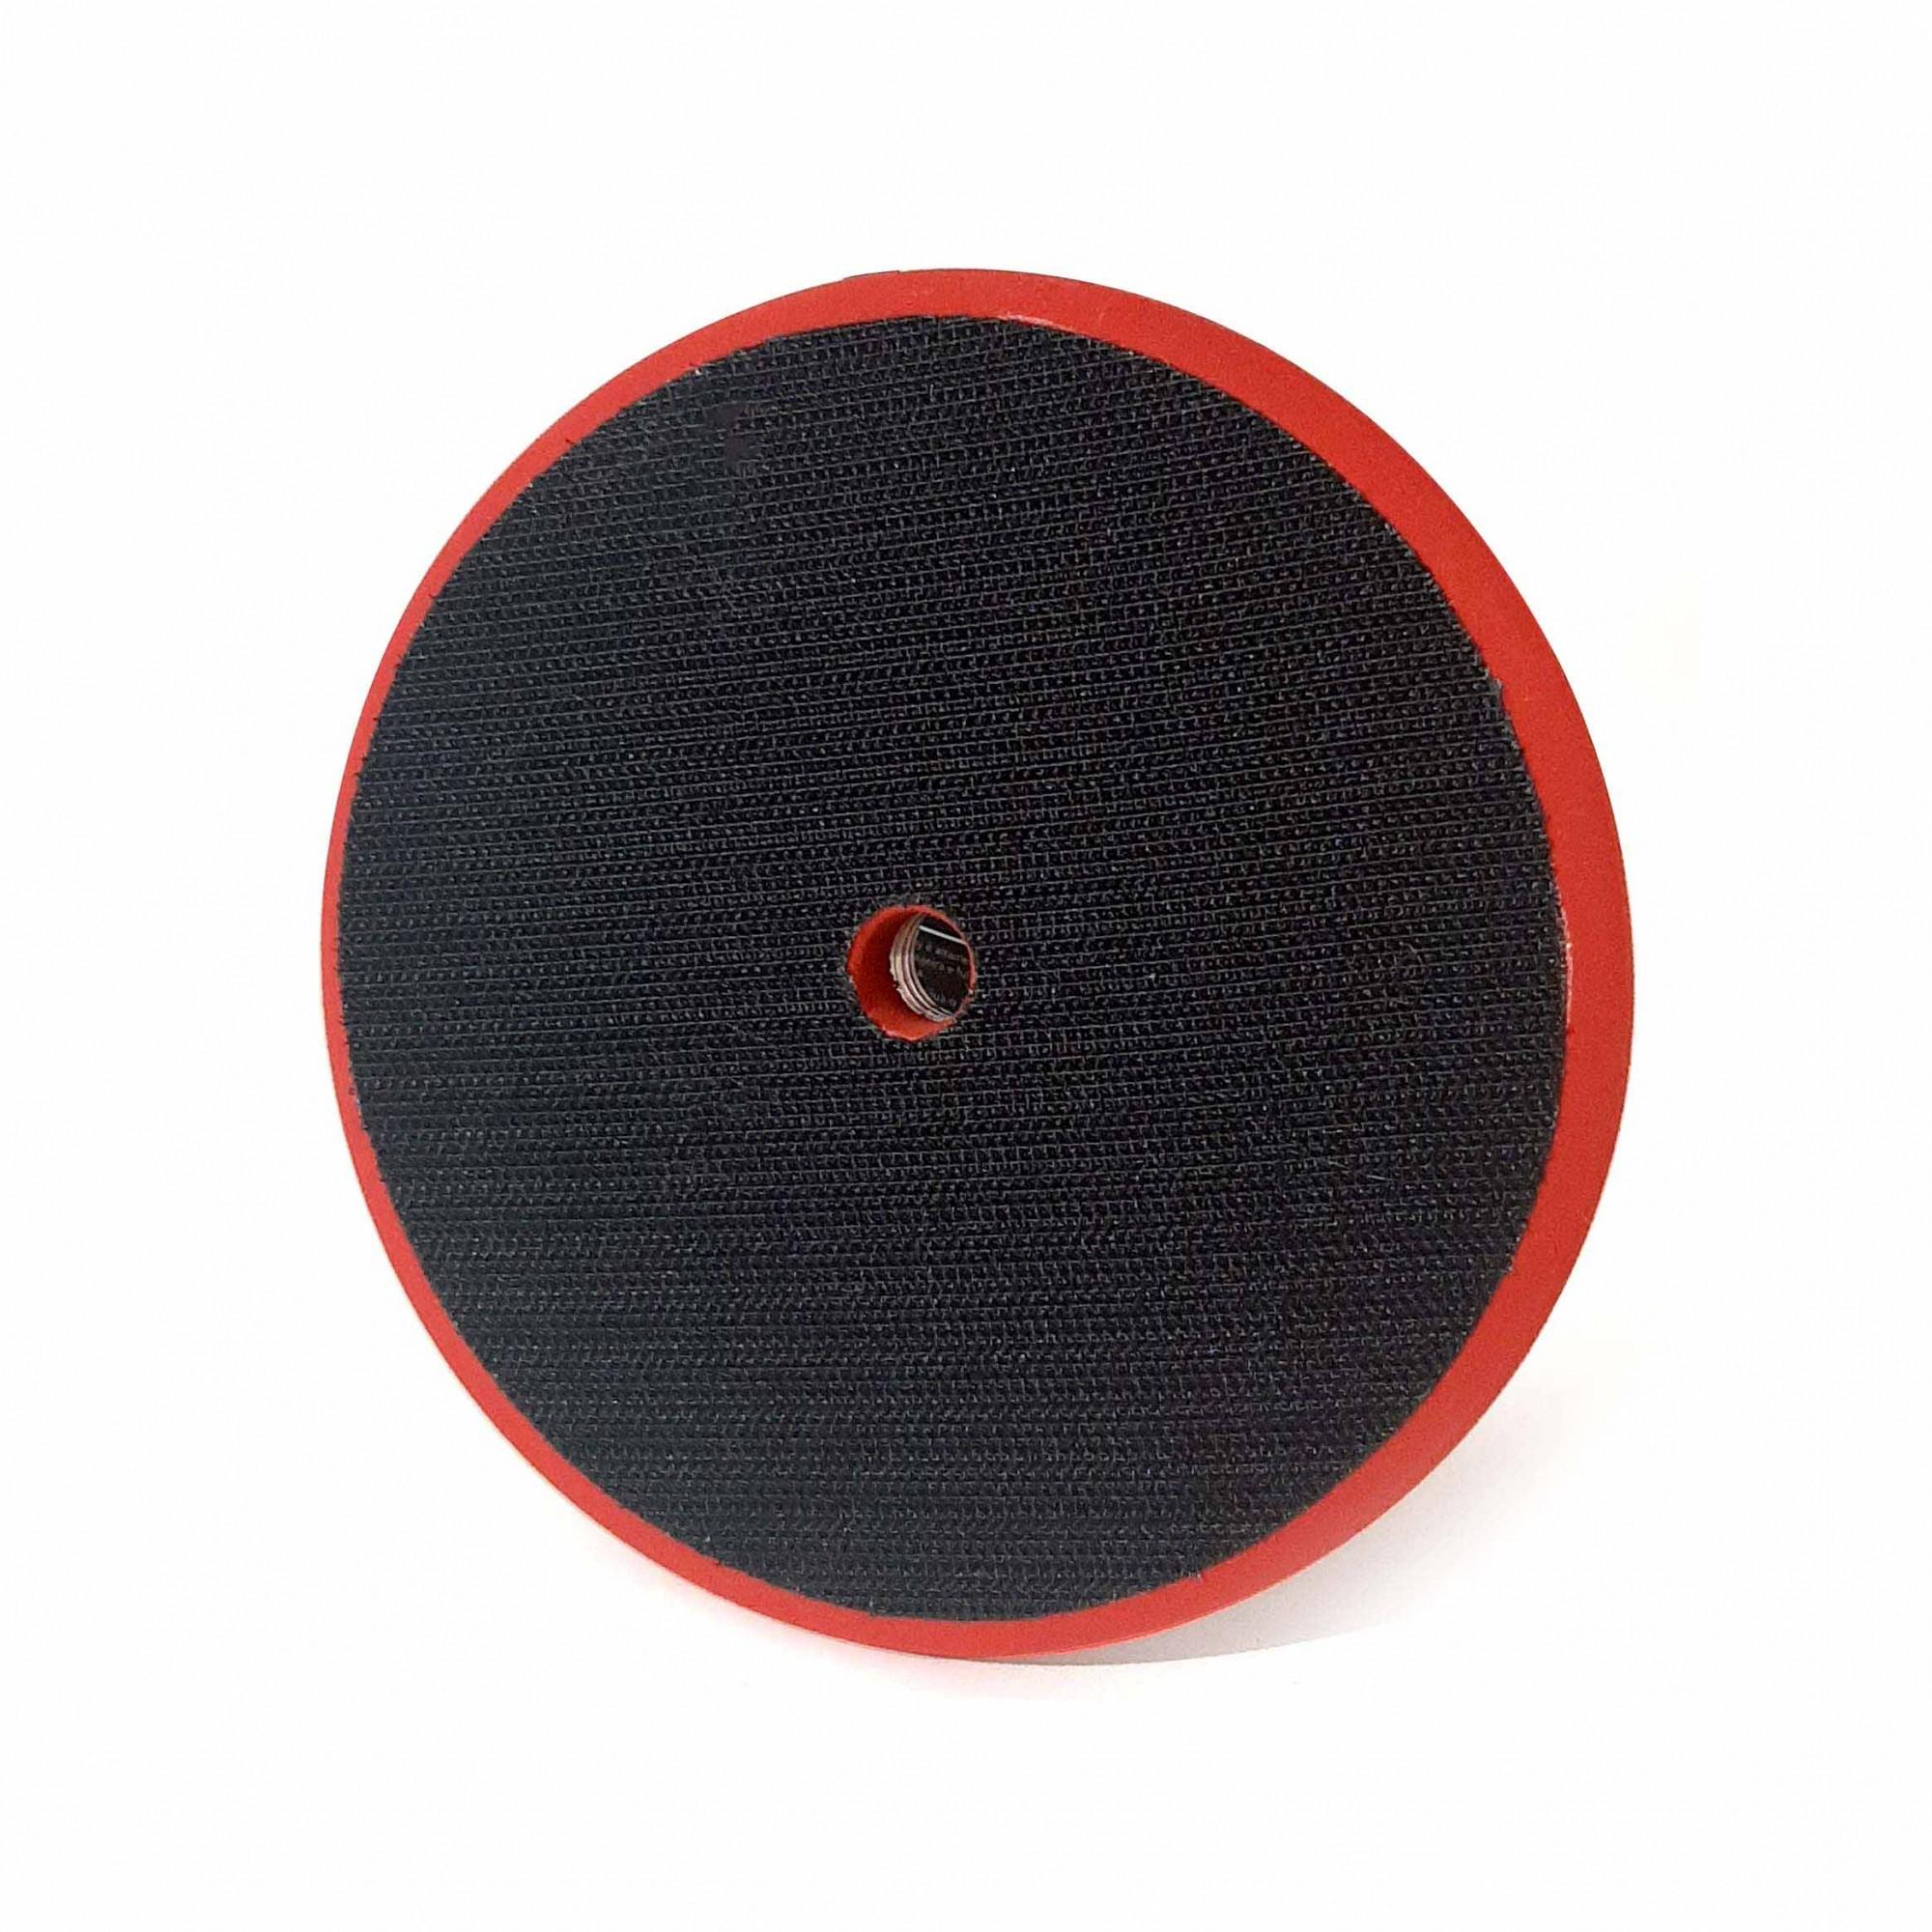 Suporte com Velcro para Boinas (Lã e Espuma) - Nº8